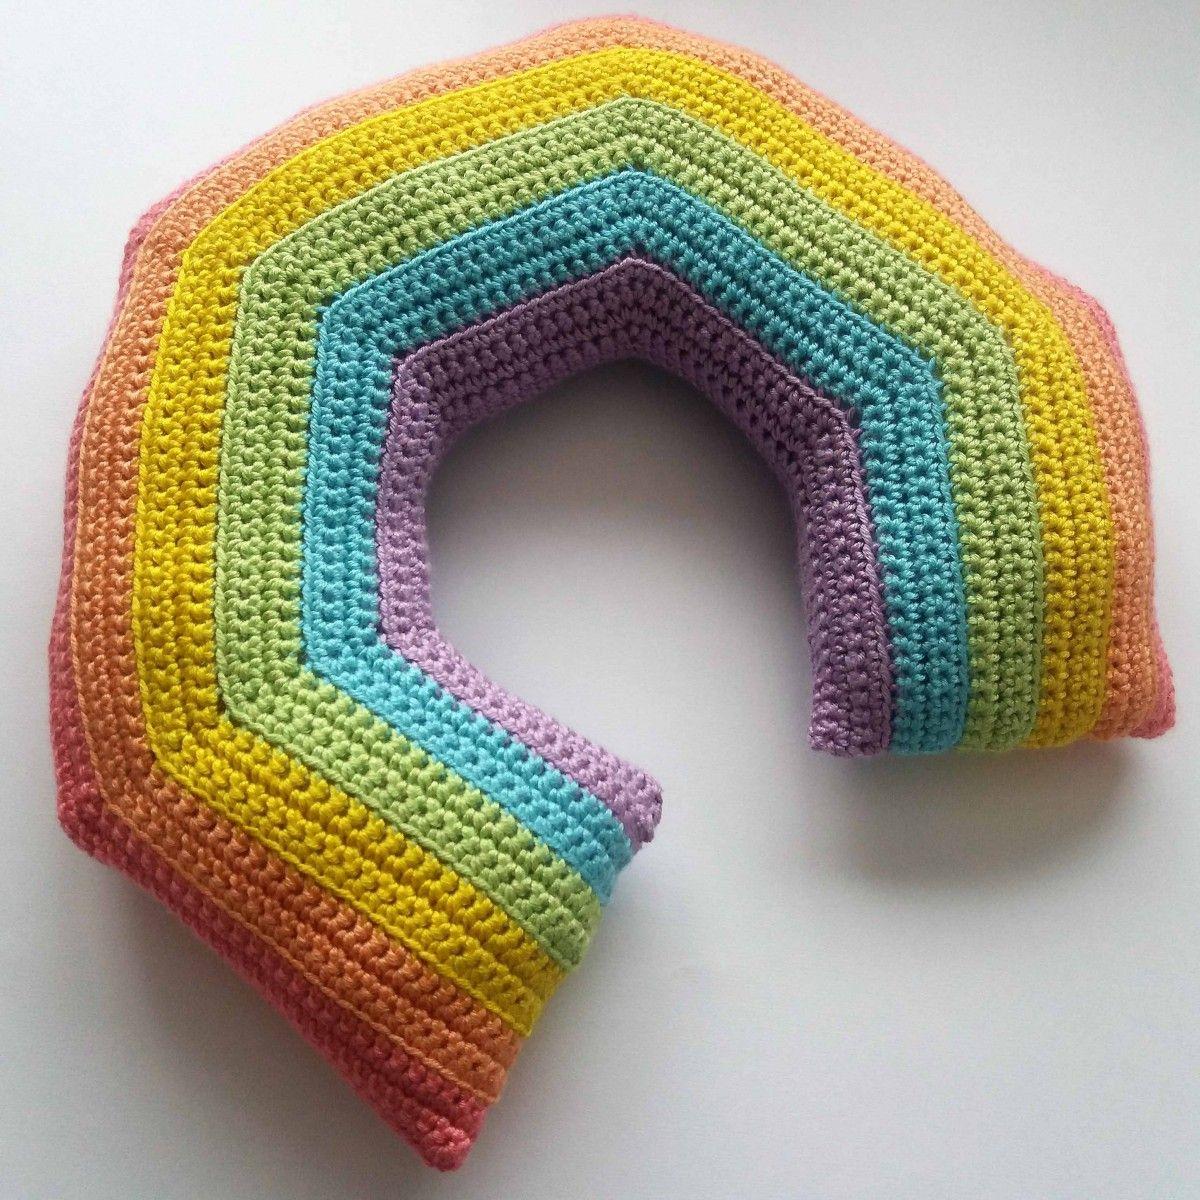 Crochet Travel Neck Pillow Patterns   Rainbows, Crochet and Crochet ...